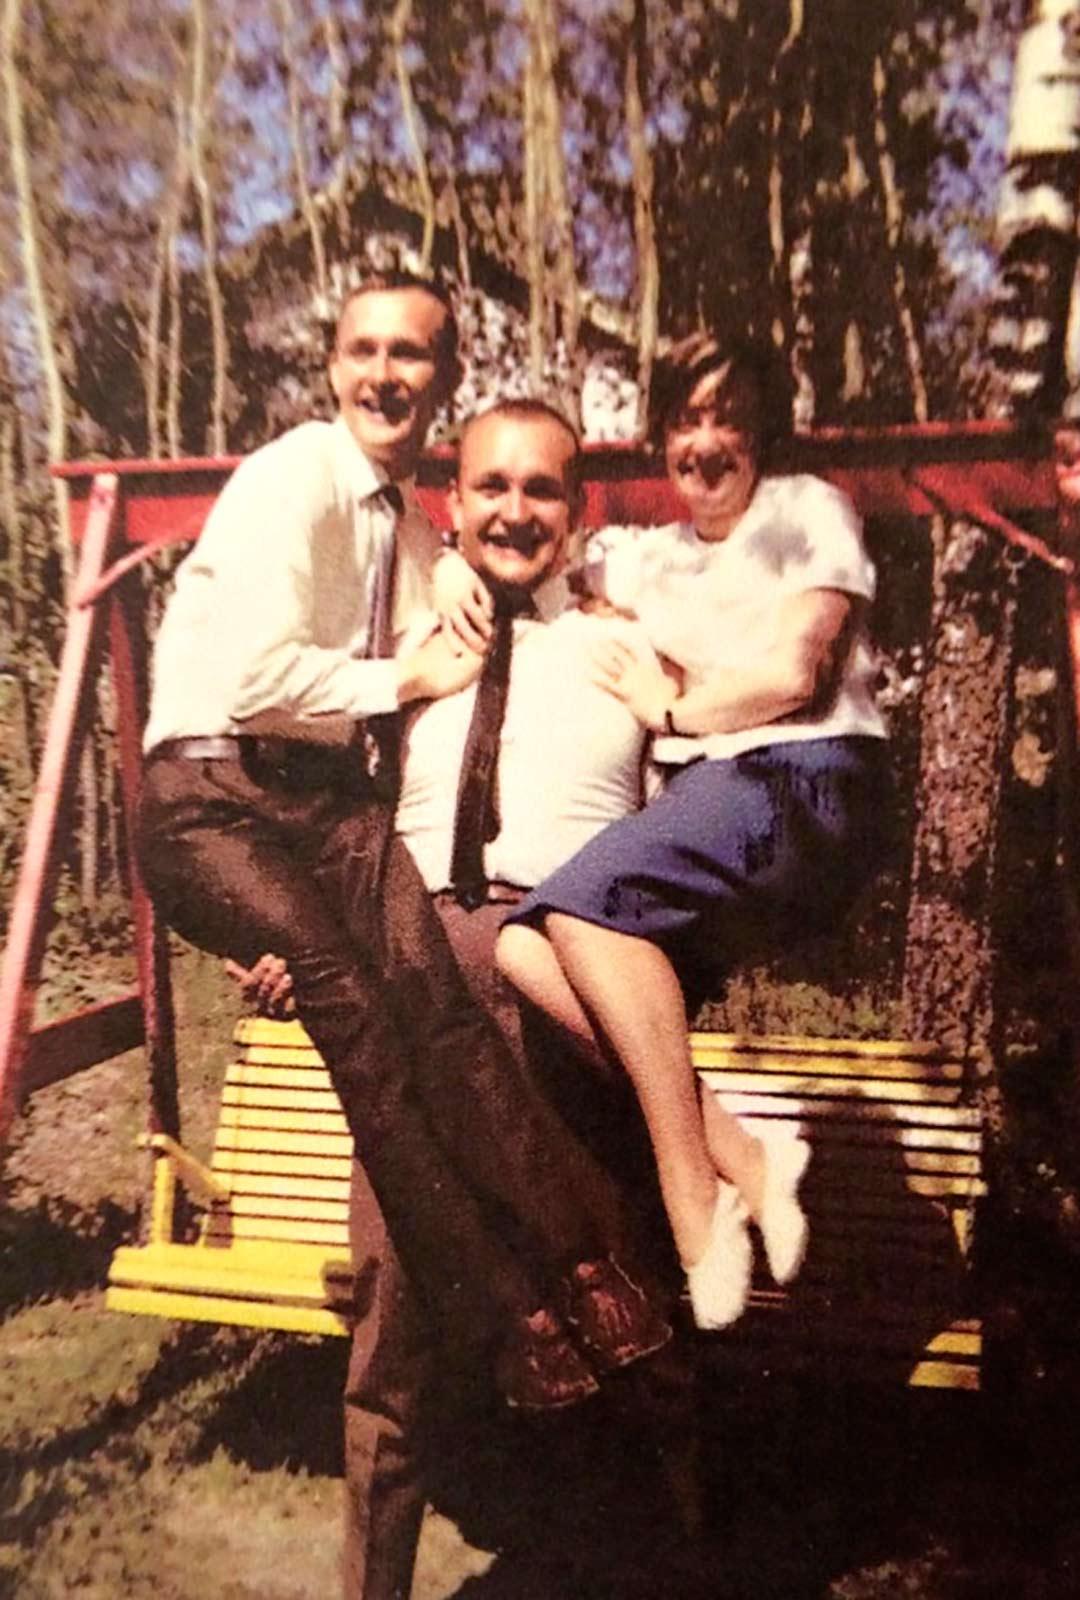 Annan isä Timo Takanen kannattelee käsivarsillaan Päivin isää Leevi Takasta ja Päivin äitiä Anjaa.